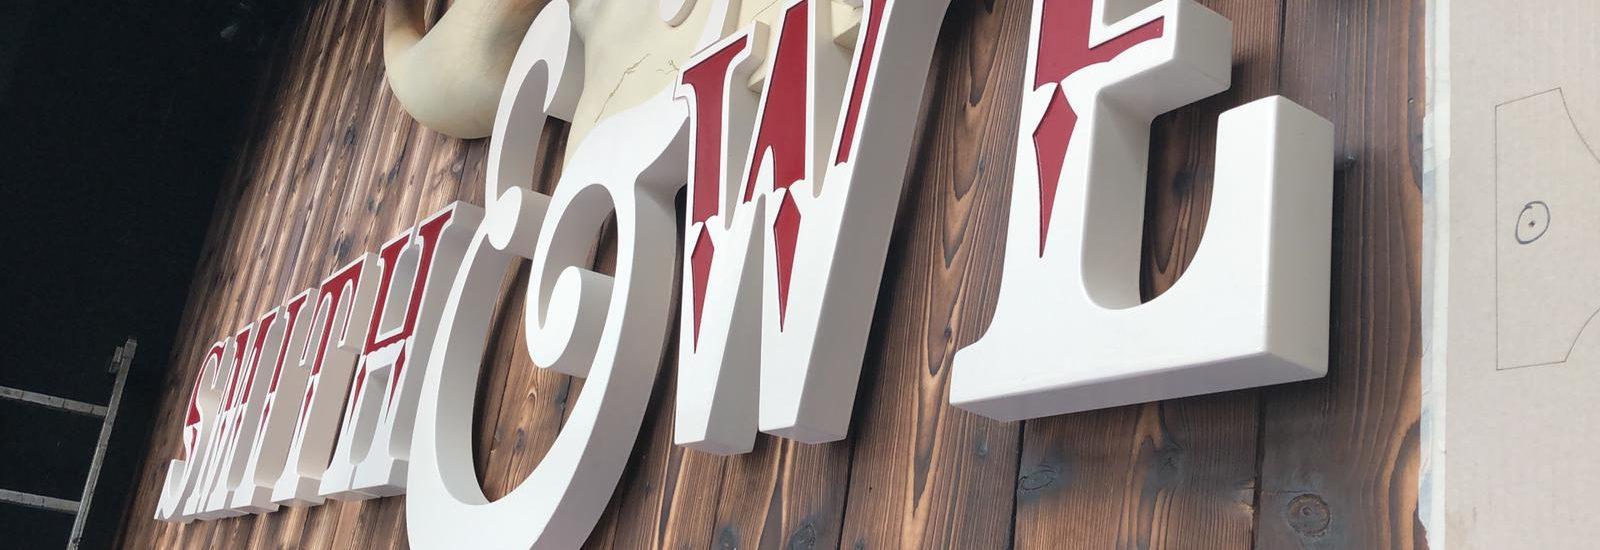 HDU letter close up theme park sign